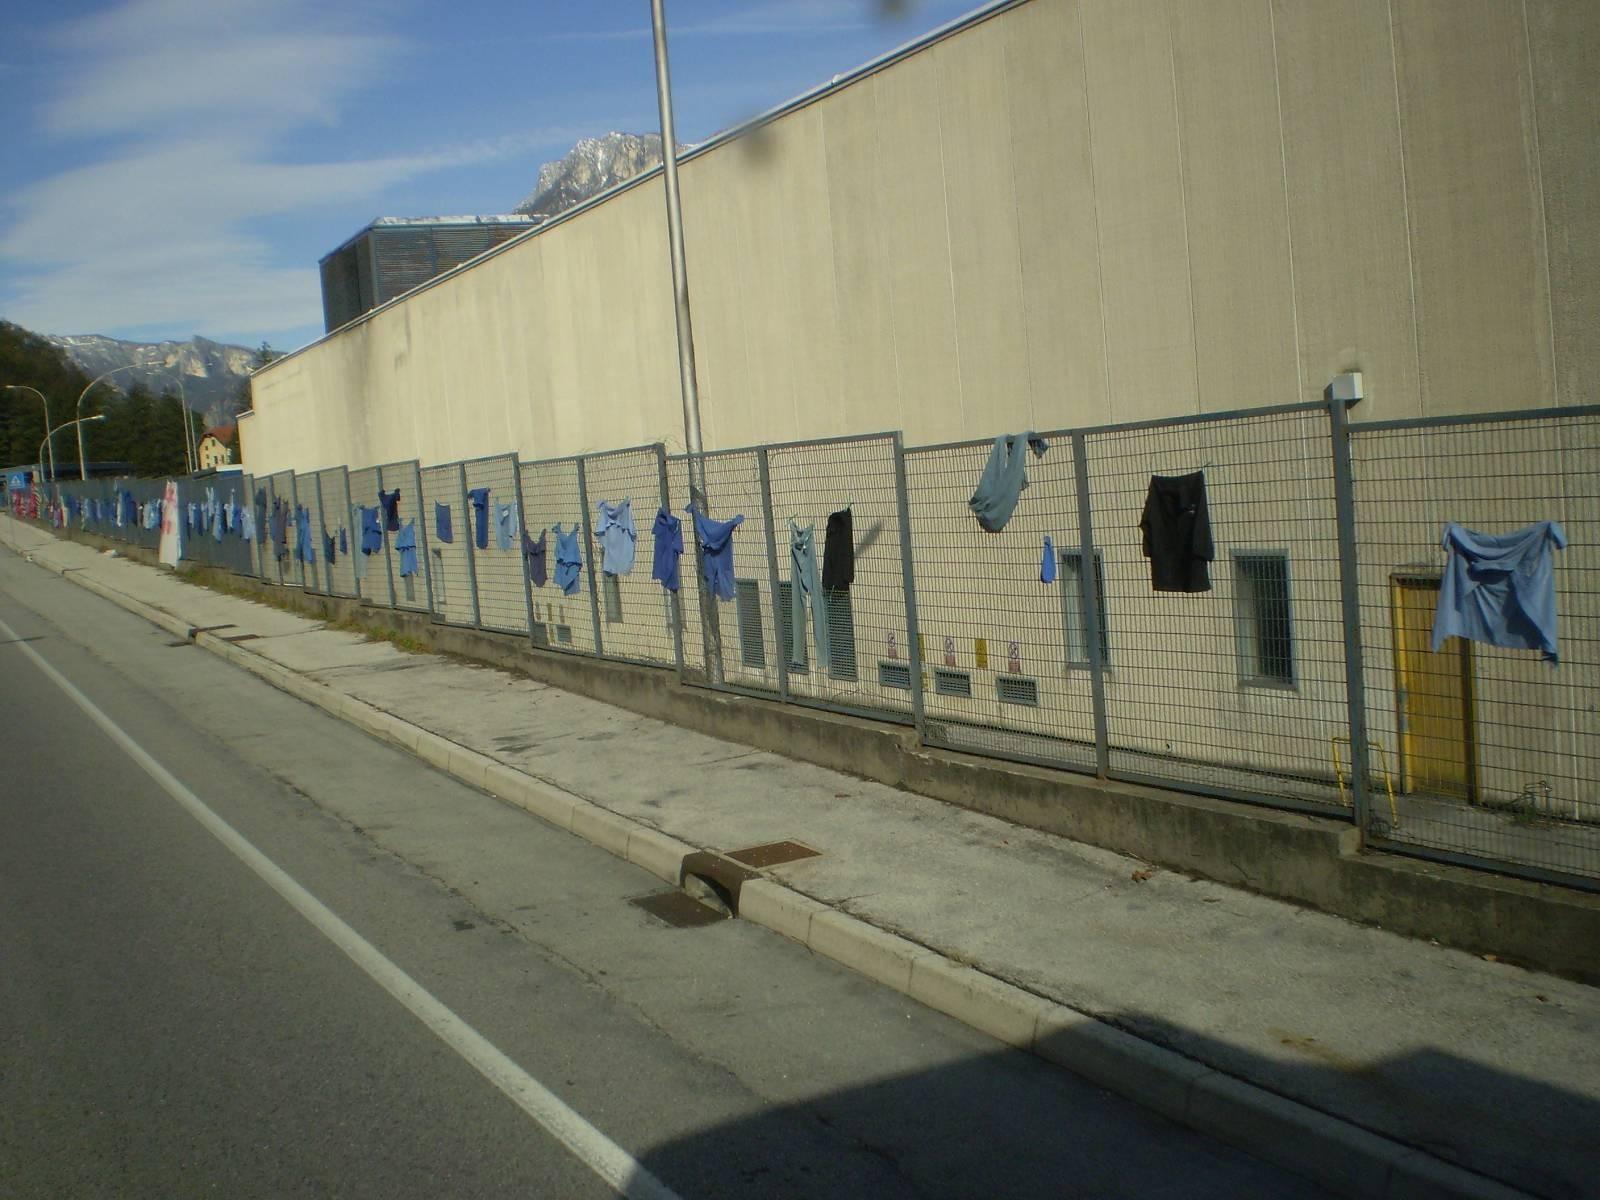 Fabrika je propala, a radnici se obesili po ogradi